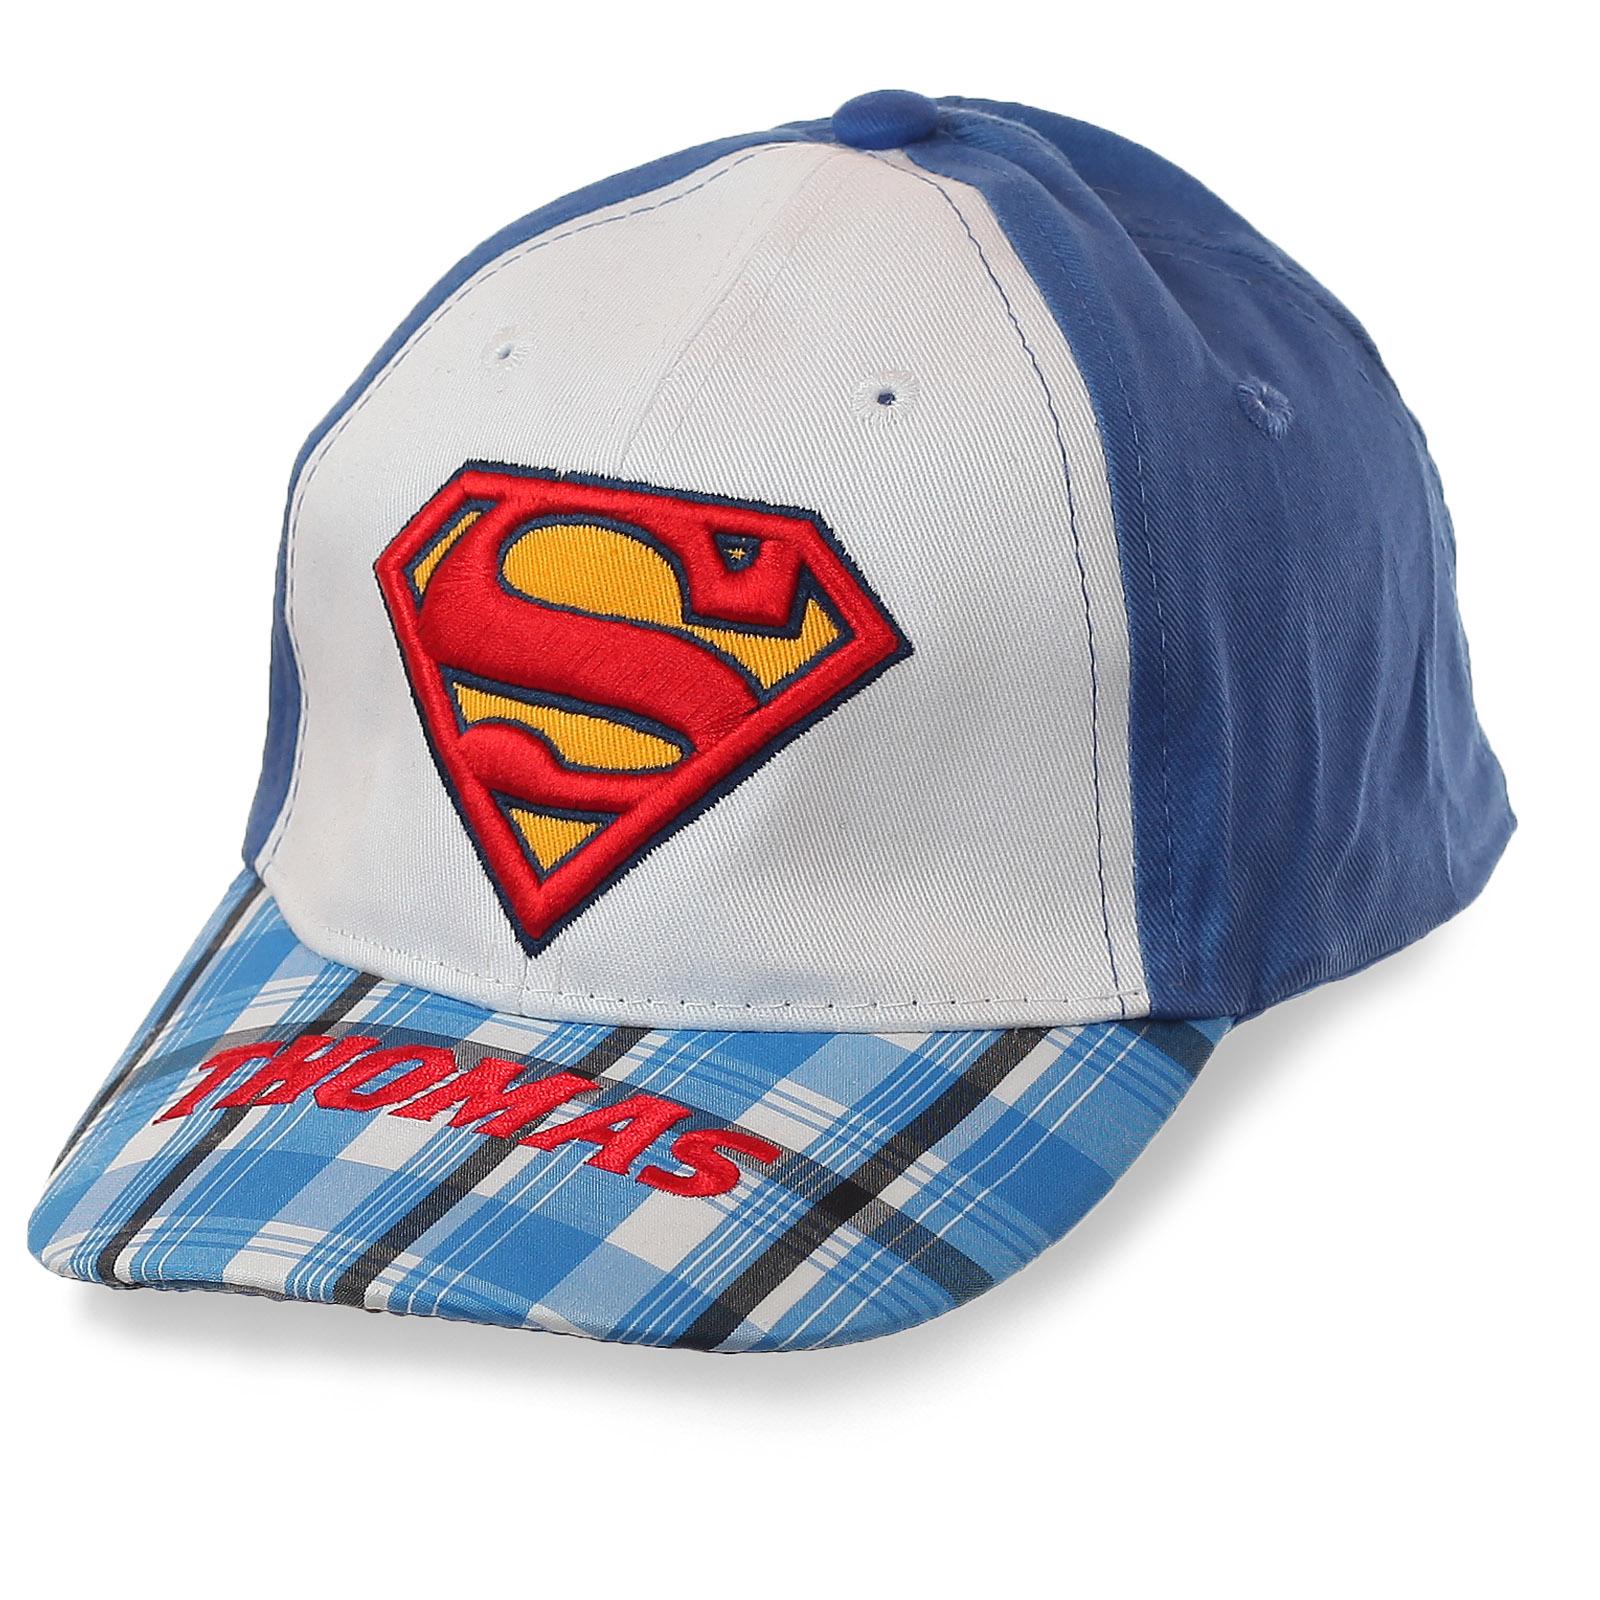 Детская бейсболка от ТМ THOMAS с логотипом кумира всех мальчишек – Супермена. Только для избранных!